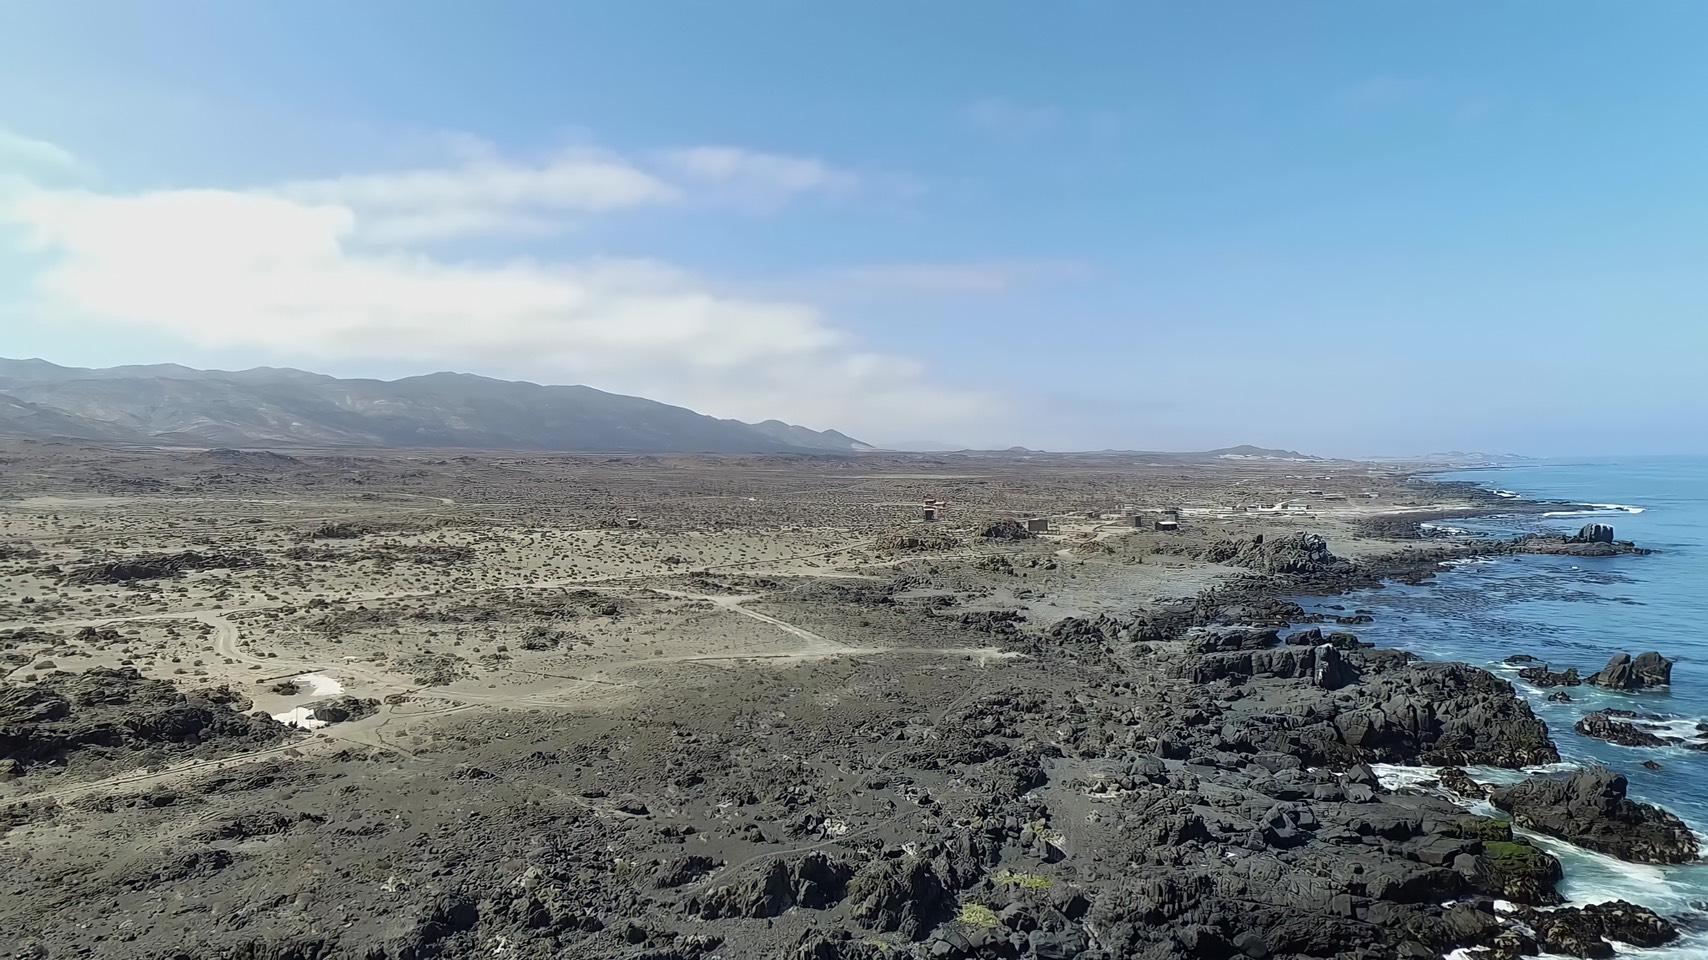 砂漠に面したチリ北部の海岸線